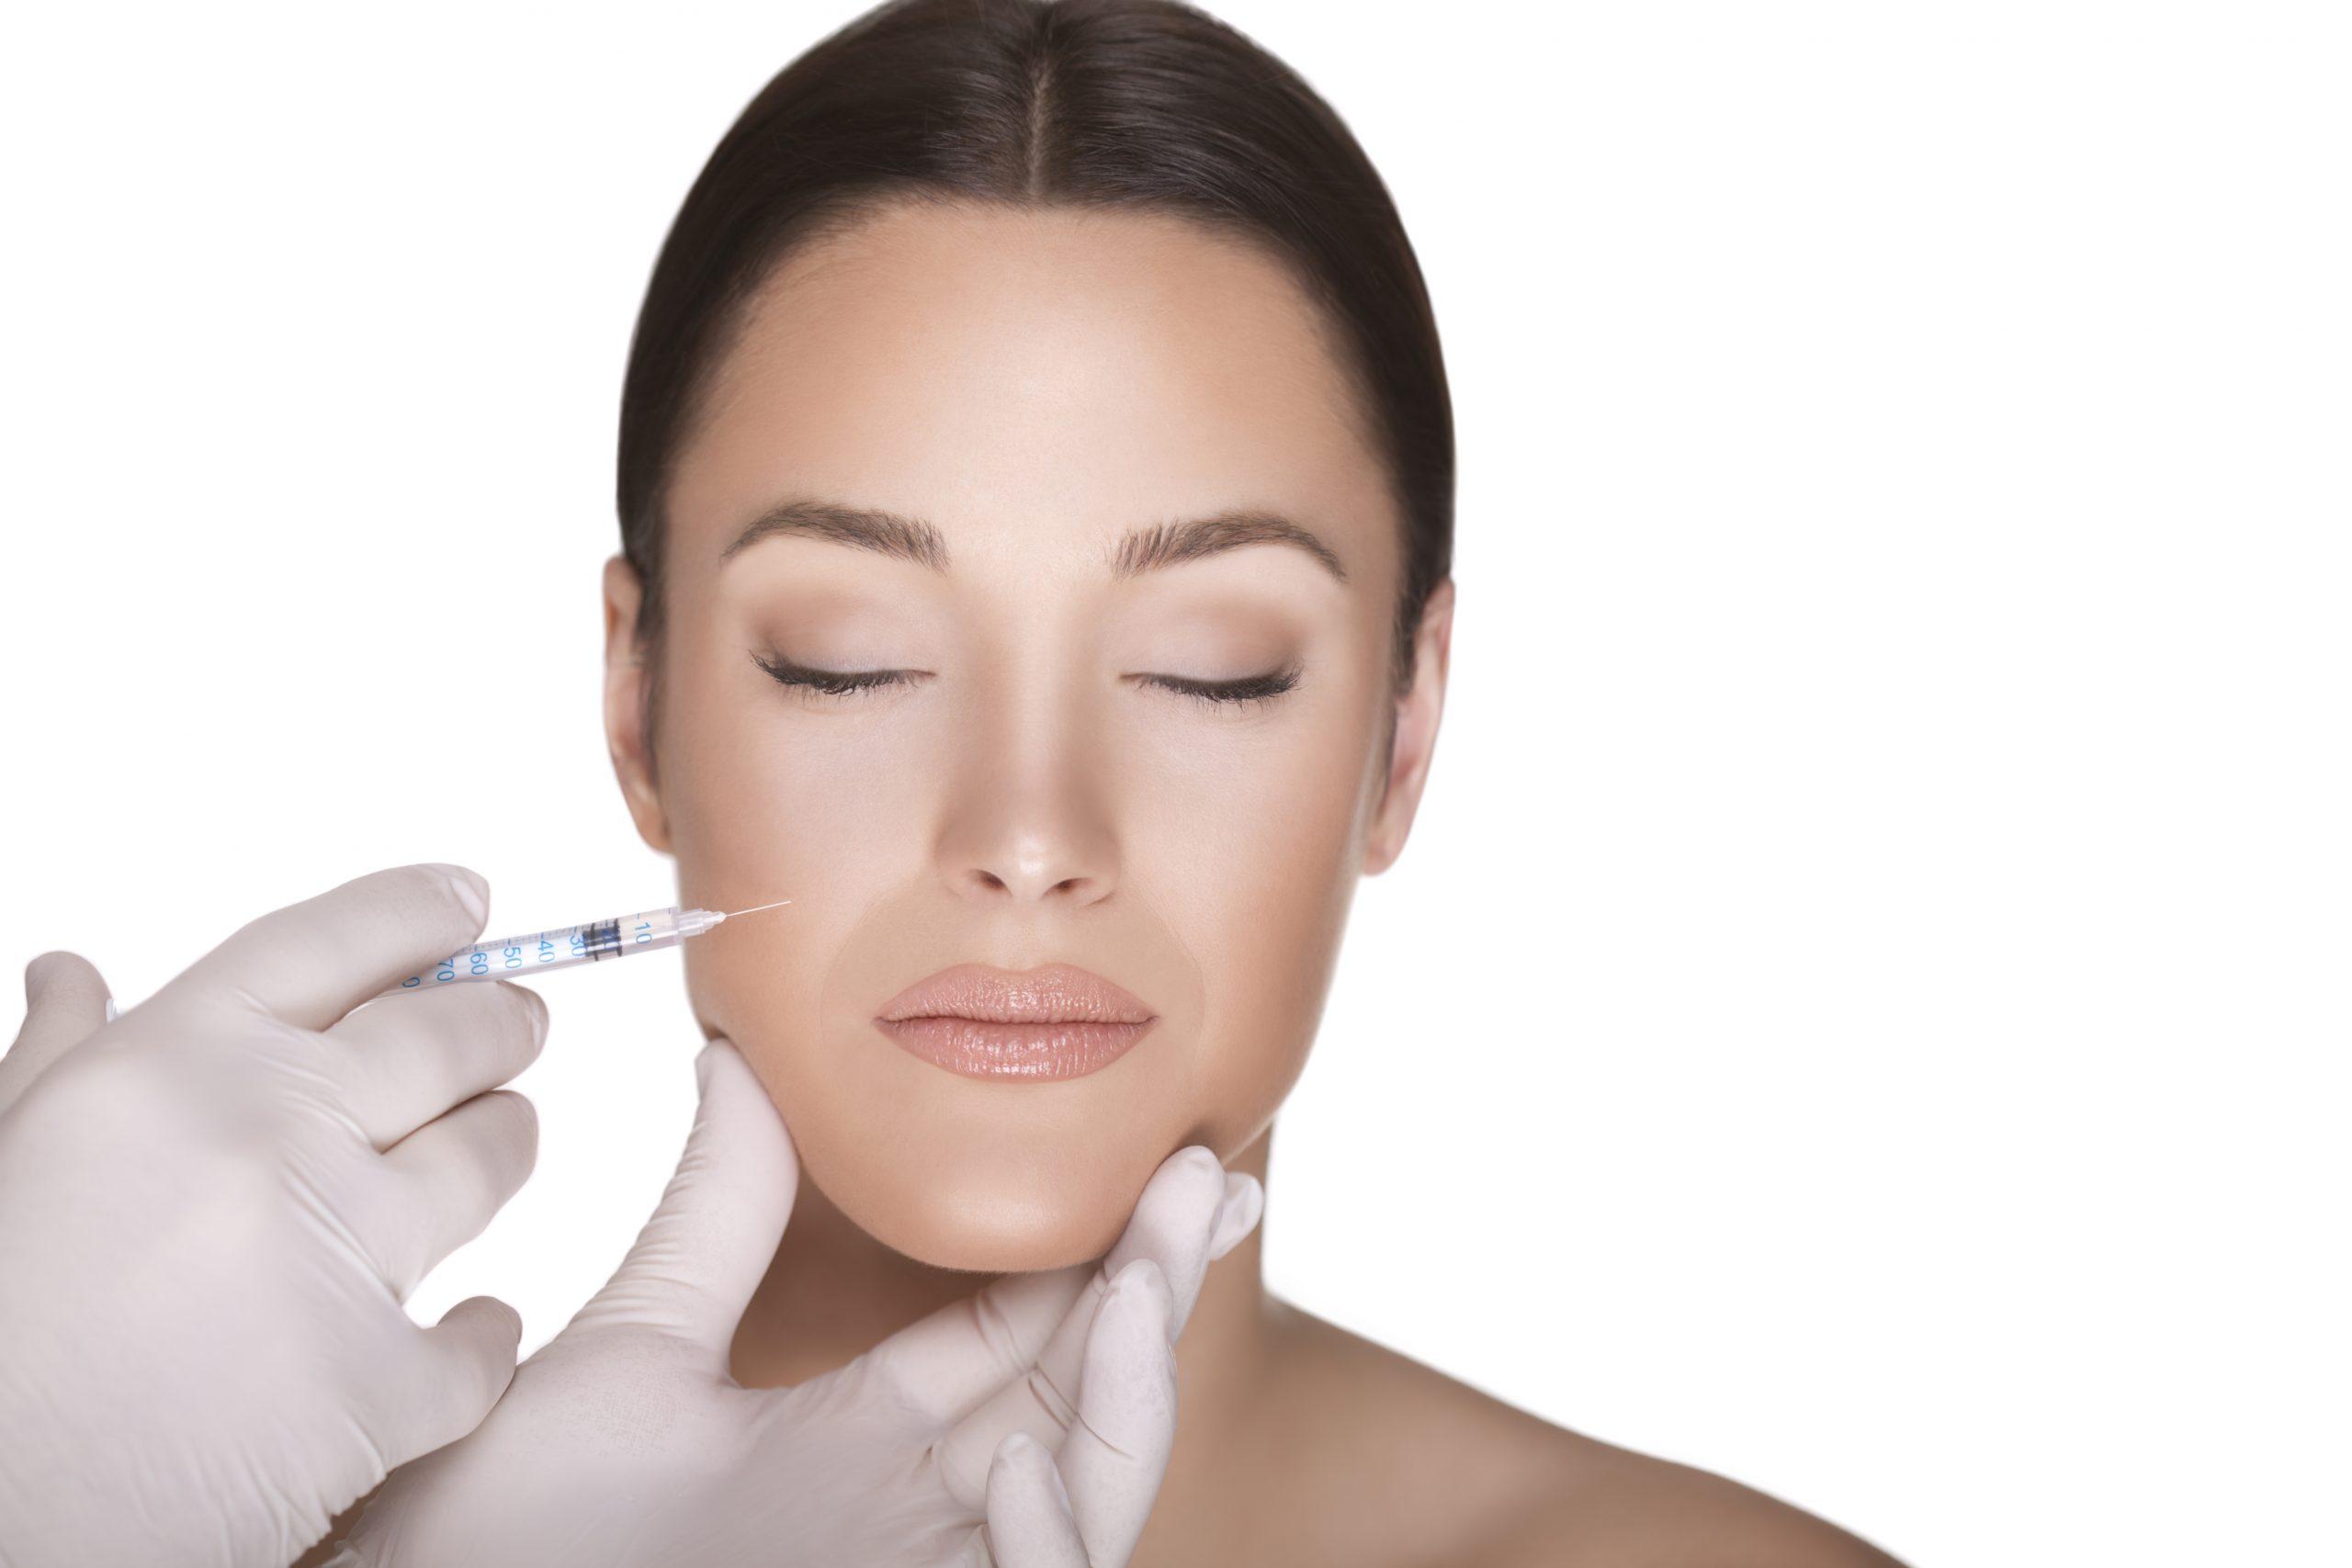 Femme se faisant poser des implants dermiques